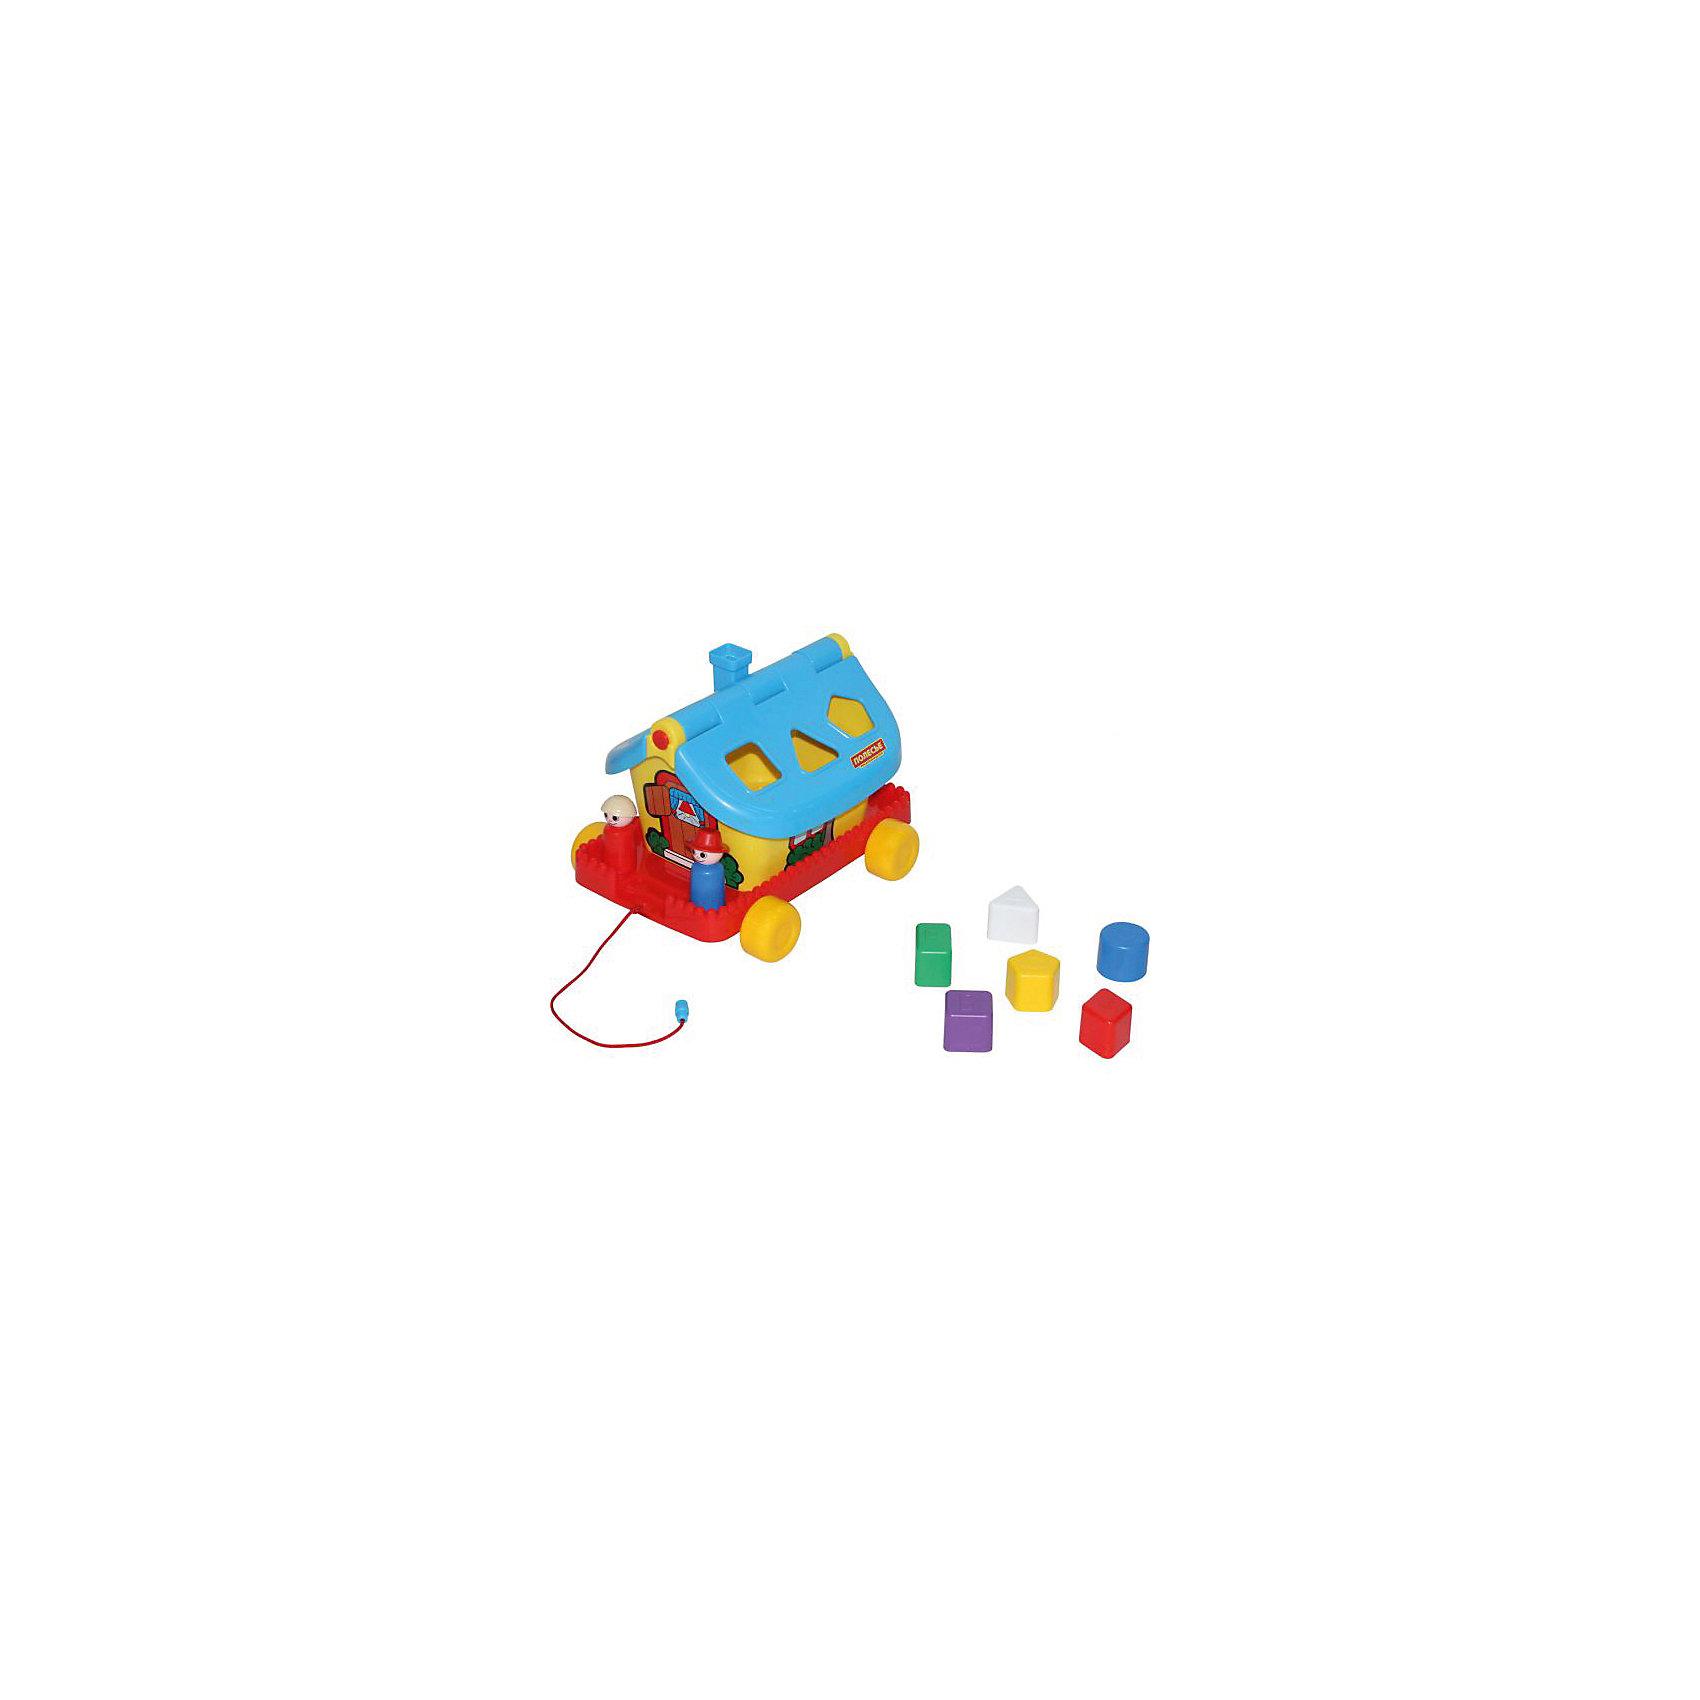 Садовый домик на колесиках, ПолесьеИгрушки-каталки<br>Садовый домик на колесиках, Полесье.<br><br>Характеристики:<br><br>-В наборе: каталка-домик, 6 разноцветных блоков, 2 фигурки человечков<br>- Размер домика: 27,6х22,5х20,5 см.<br>- Материал: высококачественная пластмасса<br>- Упаковка: сетка<br><br>Развивающая игрушка Садовый домик является одновременно каталкой и сортером. В наборе шесть разноцветных деталей различной формы, а в крыше домика есть отверстия, в которые нужно вставлять вкладыши: круг, ромб, треугольник, квадрат, прямоугольник, пятиугольник. Доставать детальки можно через открывающуюся крышу. В домике живут забавные персонажи – мальчик и девочка. Они легко устанавливаются на платформе при помощи специальных штырьков. Игрушка окрашена в яркие радужные цвета. Домик стоит на подставке с колесиками, при желании его можно катать за веревочку. Занятия с игрушкой развивают логическое мышление малыша, координацию движений и моторику рук, а также знакомит ребенка с геометрическими фигурами, цветами.<br><br>Садовый домик на колесиках, Полесье можно купить в нашем интернет-магазине.<br><br>Ширина мм: 276<br>Глубина мм: 225<br>Высота мм: 205<br>Вес г: 670<br>Возраст от месяцев: 24<br>Возраст до месяцев: 60<br>Пол: Унисекс<br>Возраст: Детский<br>SKU: 4763452